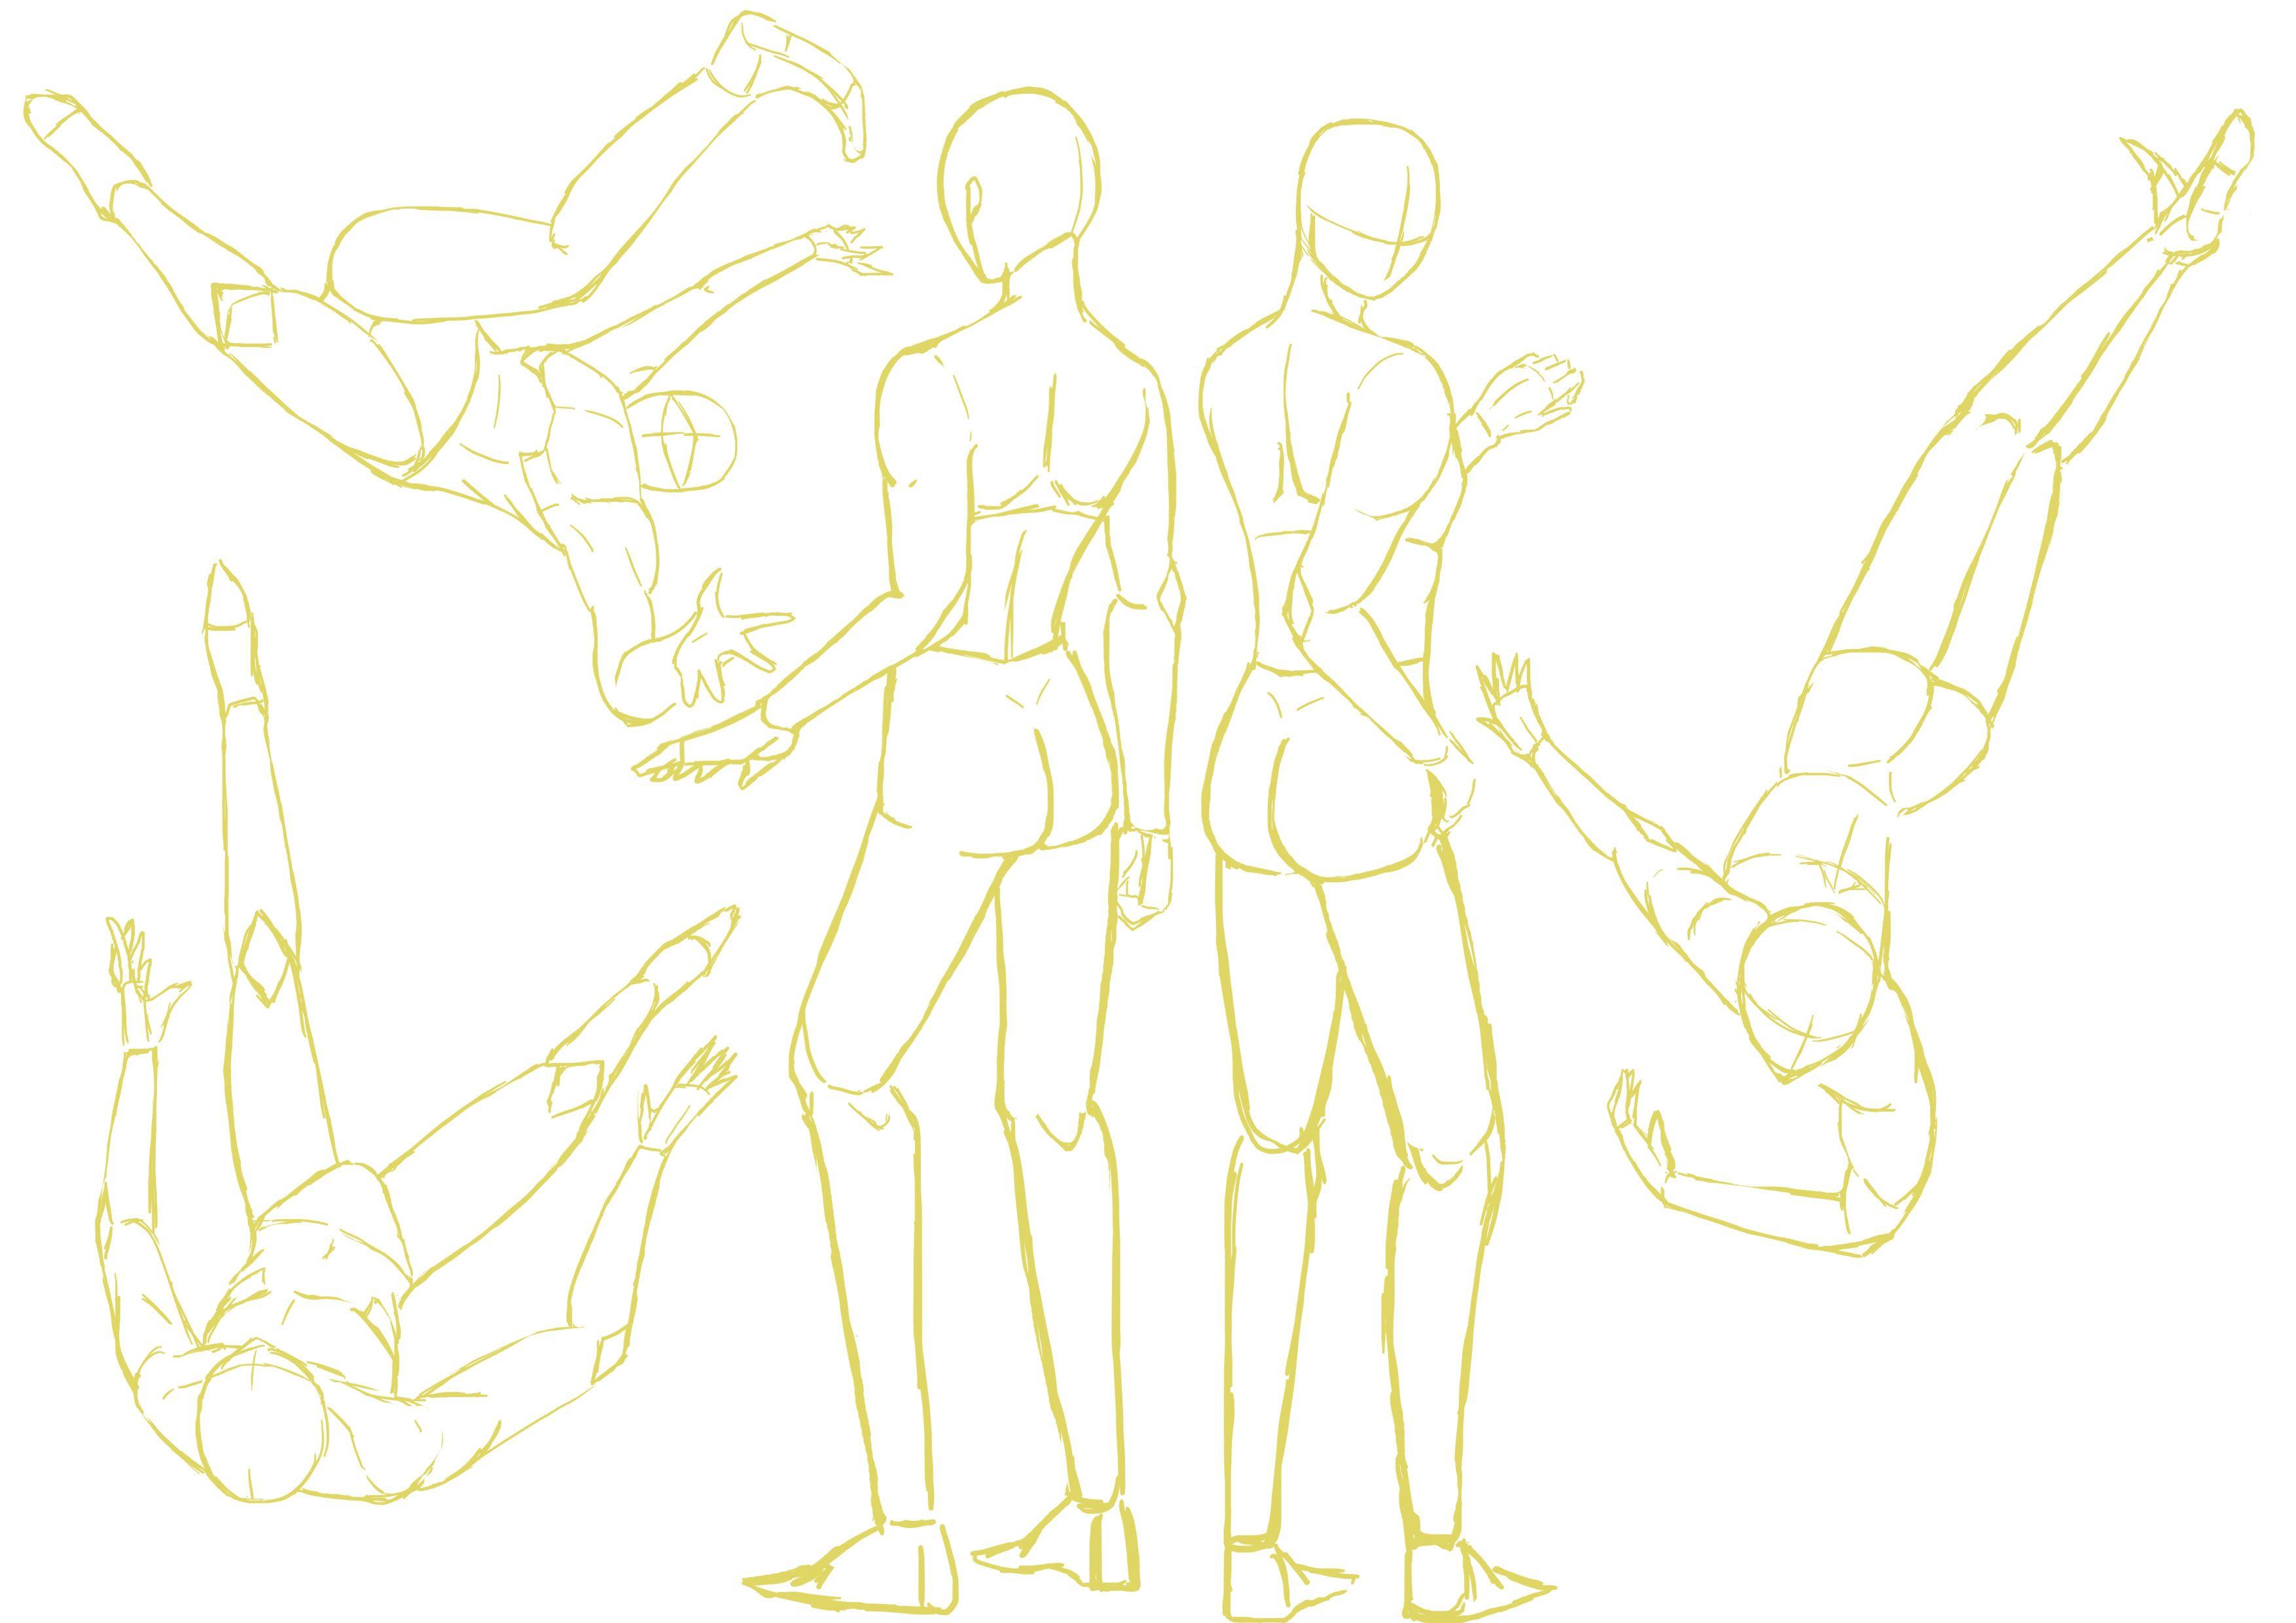 人体动态线稿 - 优动漫 动漫创作支援平台